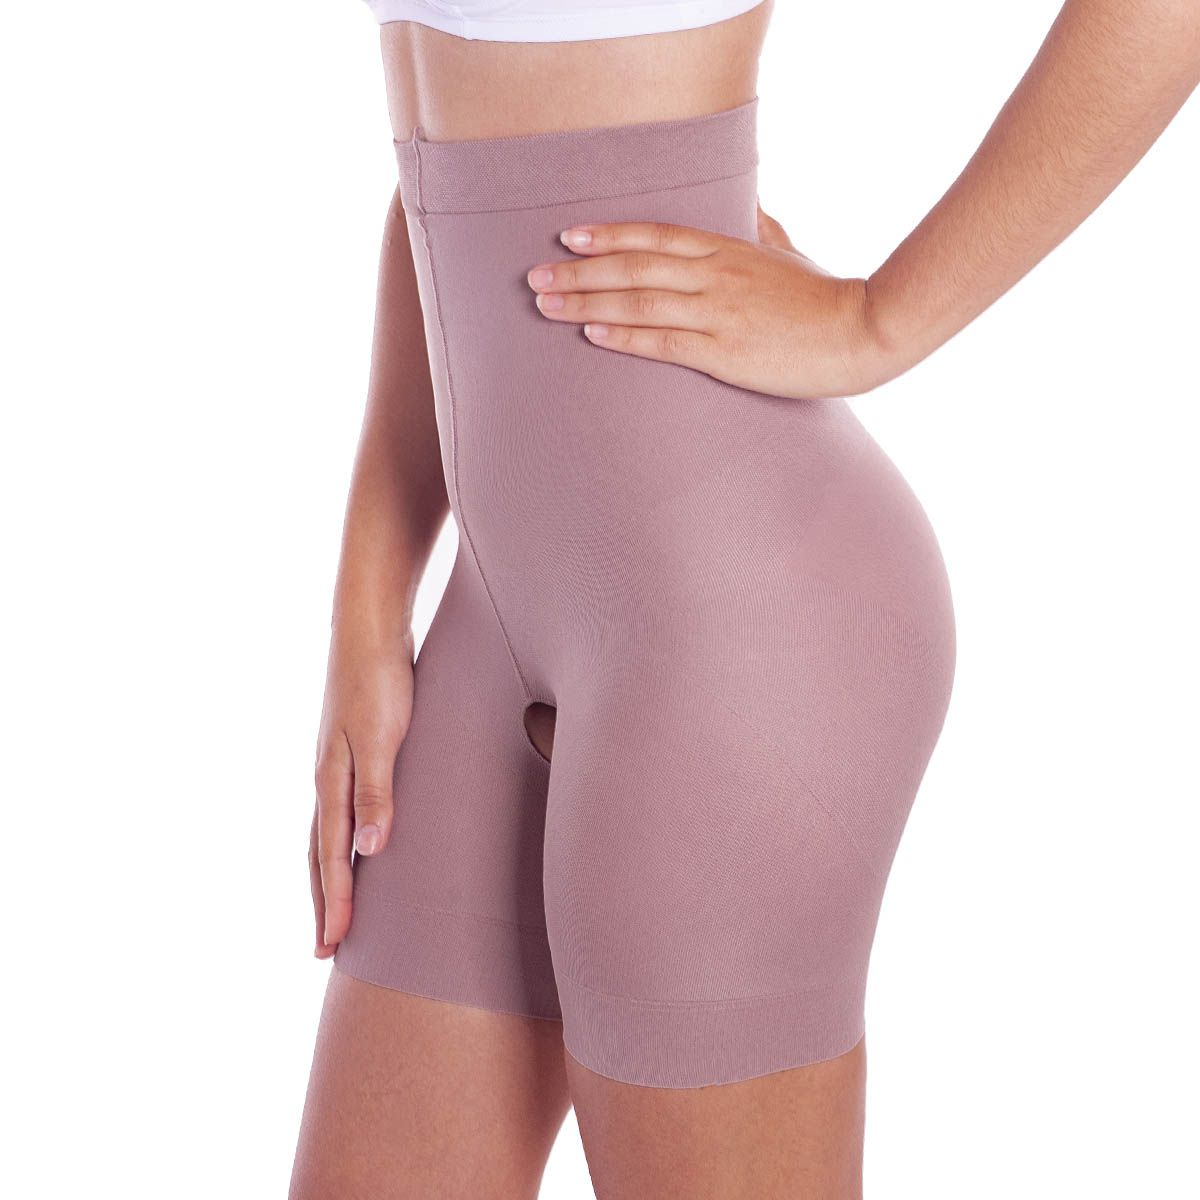 Shorts Slim modeladora para Afinar a cintura com abertura higiênica Loba Lupo